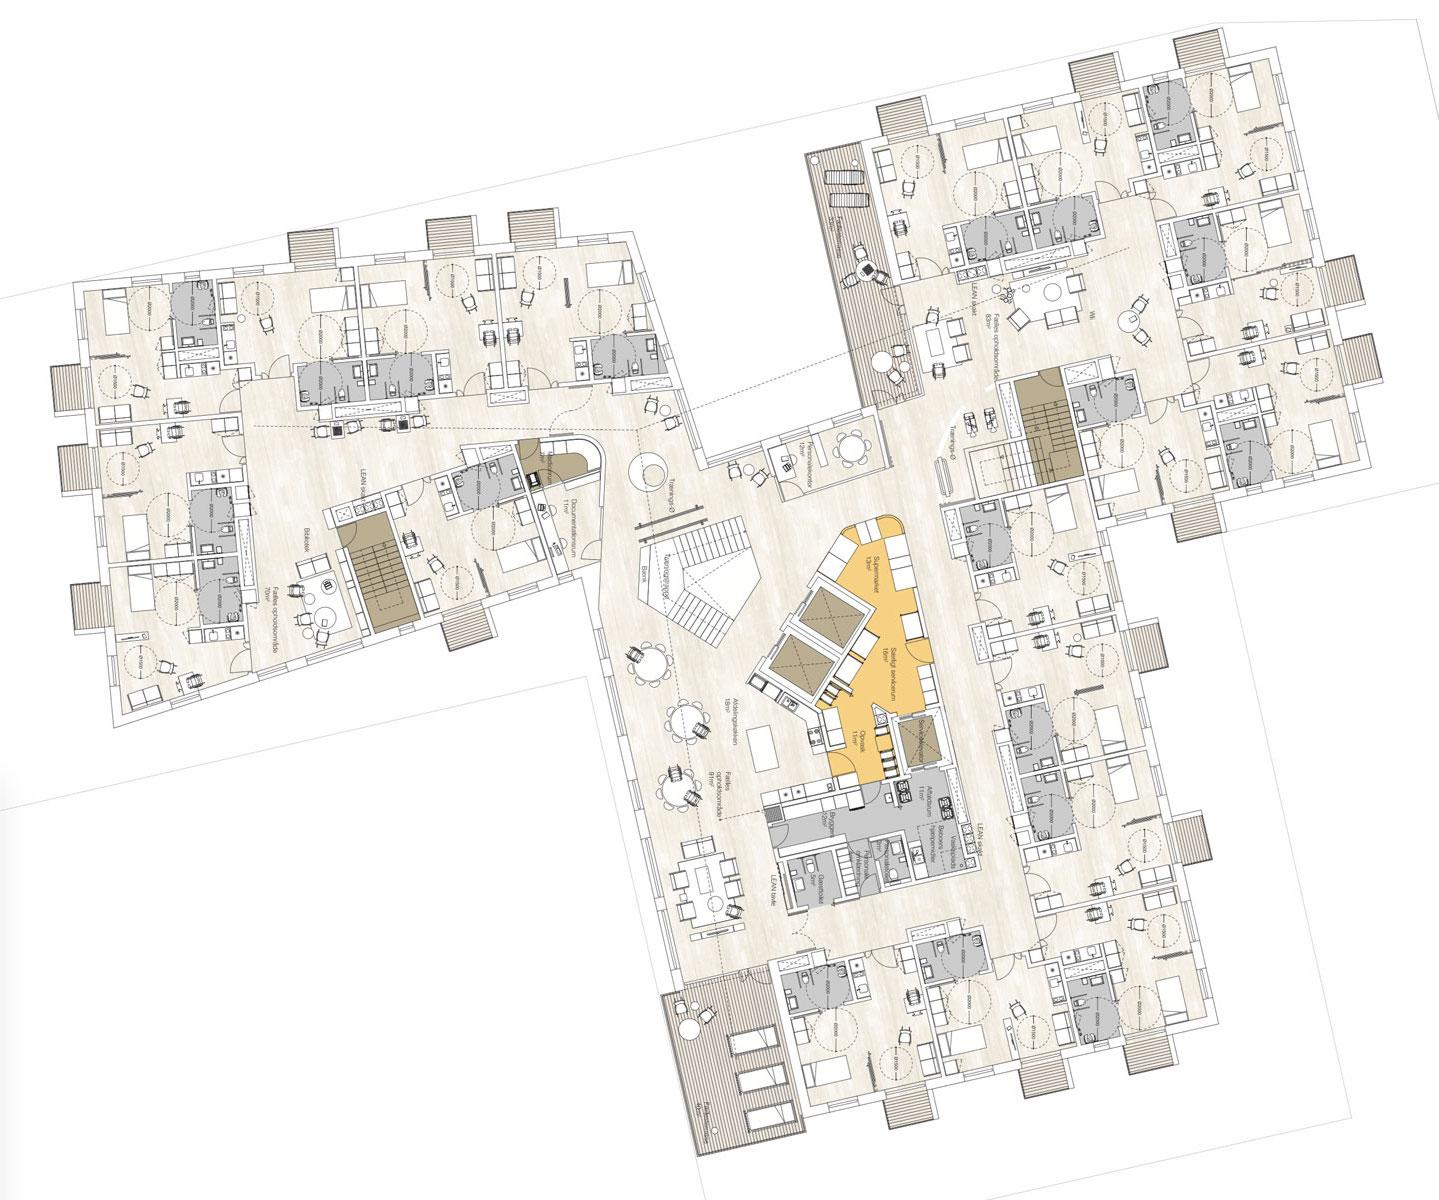 Billedet viser situationsplan for en etage. De individuelle boliger er placeret rundt langs facader.